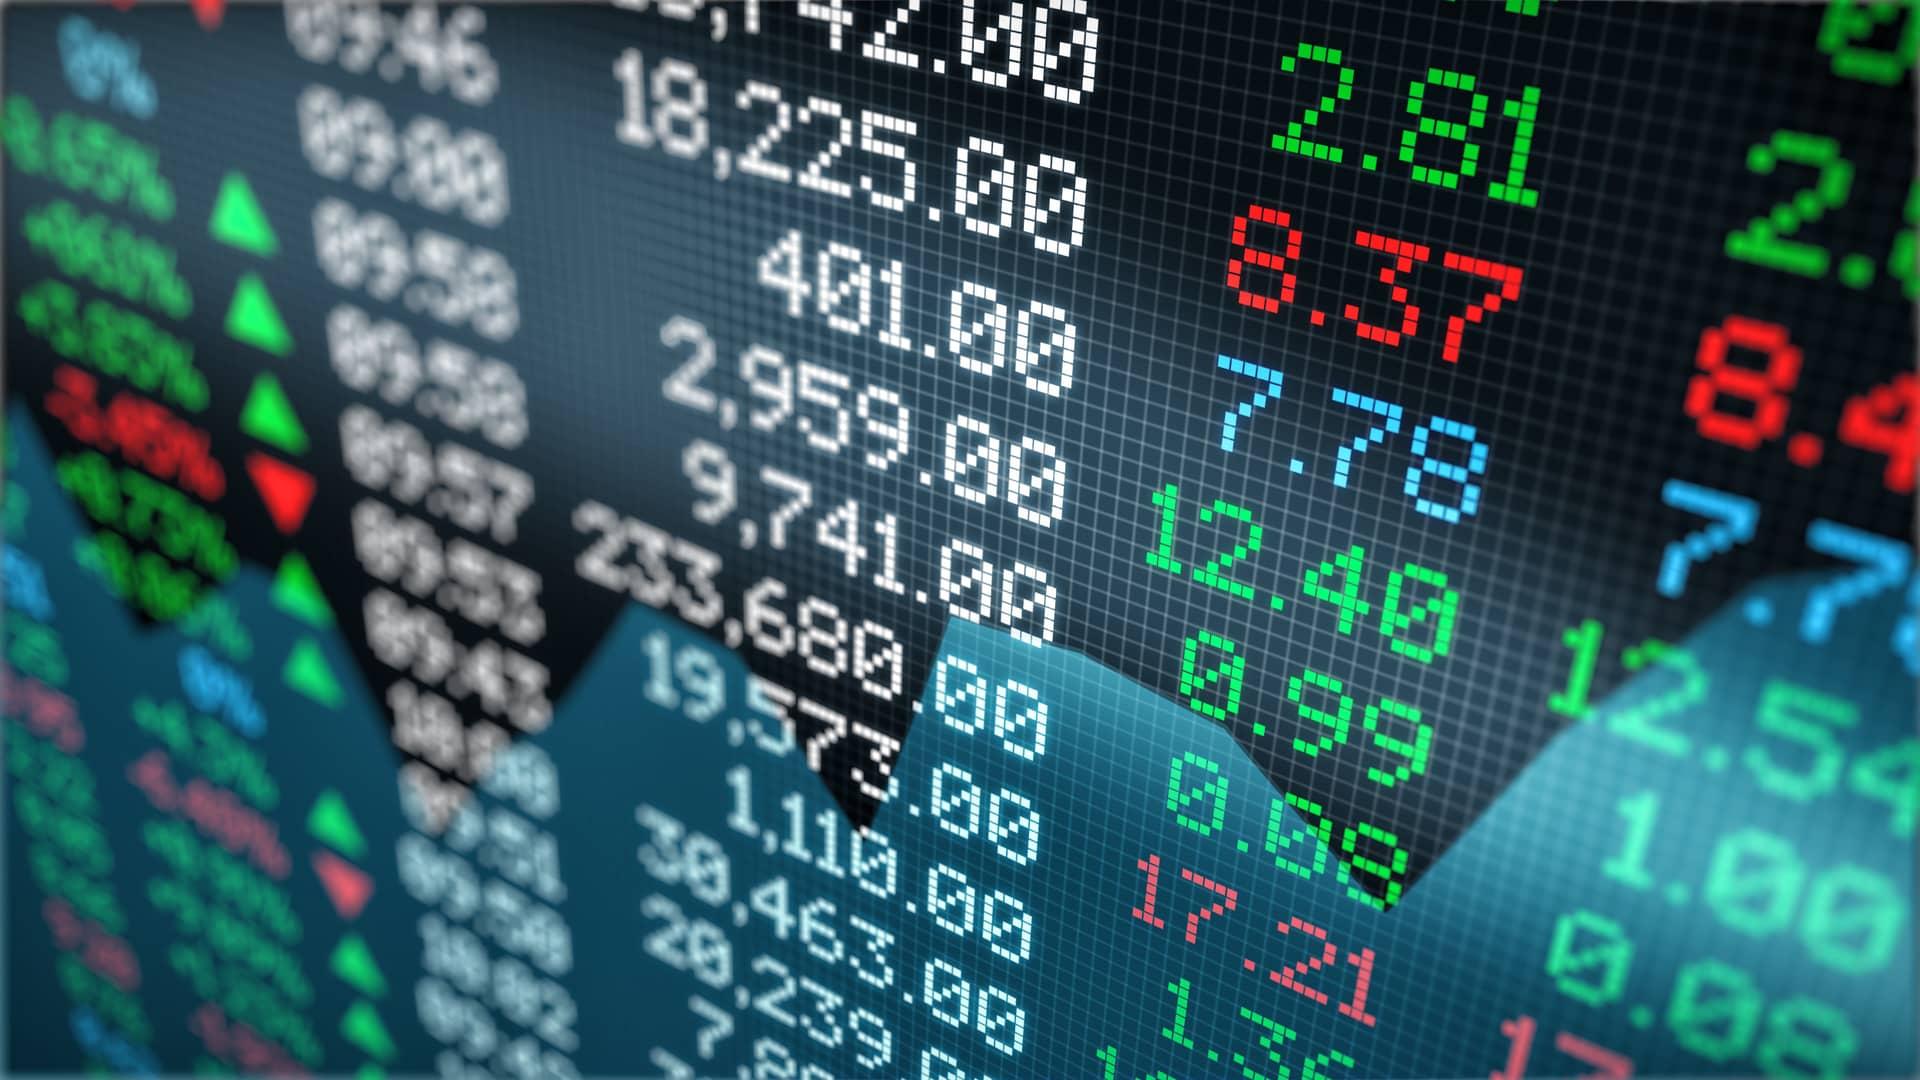 Cotización de criptomonedas: así se mueven los precios en tiempo real